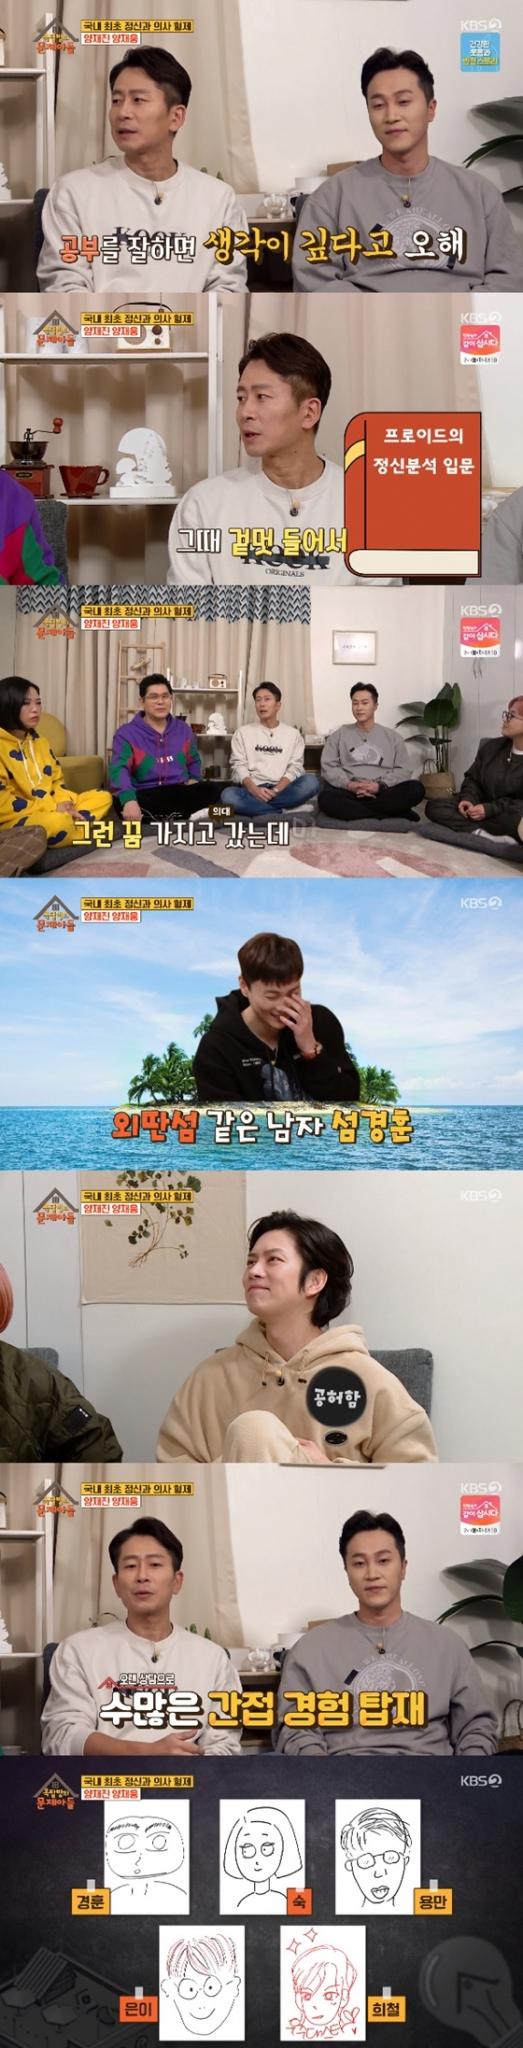 KBS 2TV '옥탑방의 문제아들'에 양재진, 양재웅 형제가 출연했다./사진=KBS 2TV '옥탑방의 문제아들' 방송 화면 캡처